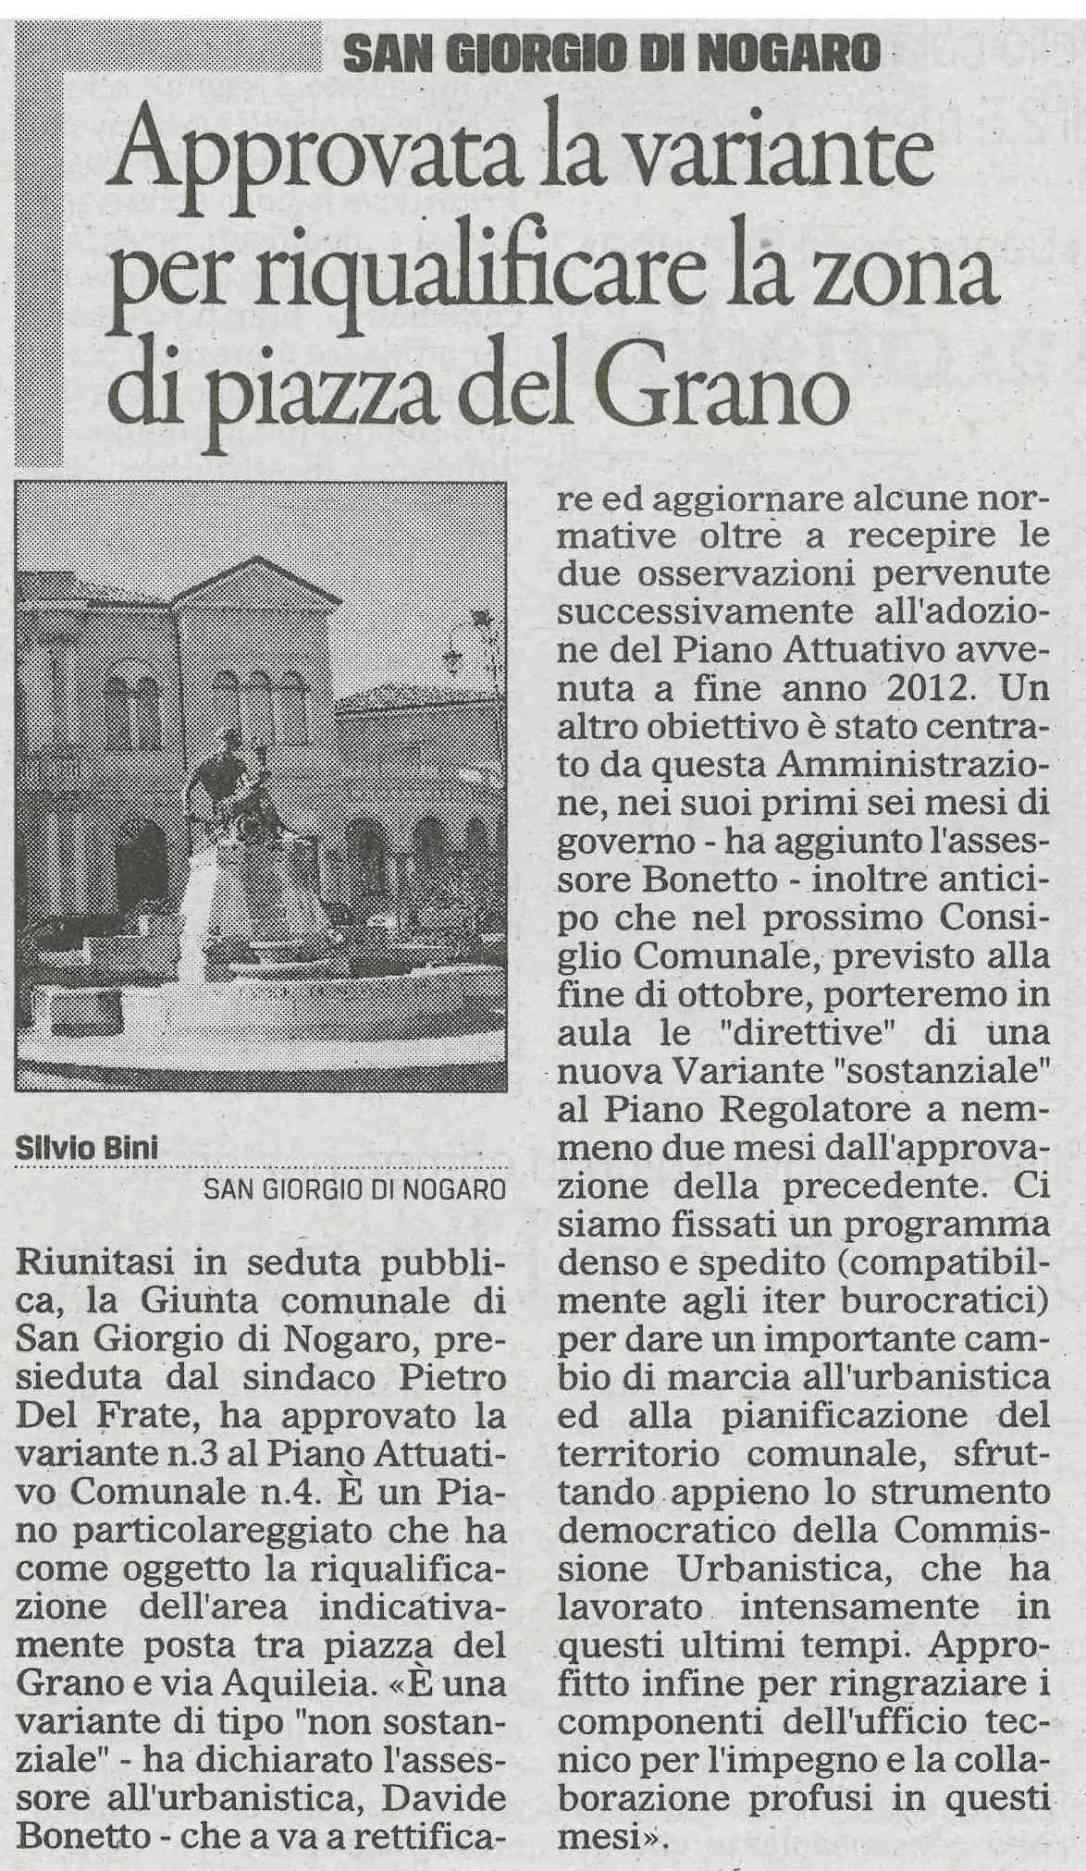 Il Gazzettino 17.10.2013